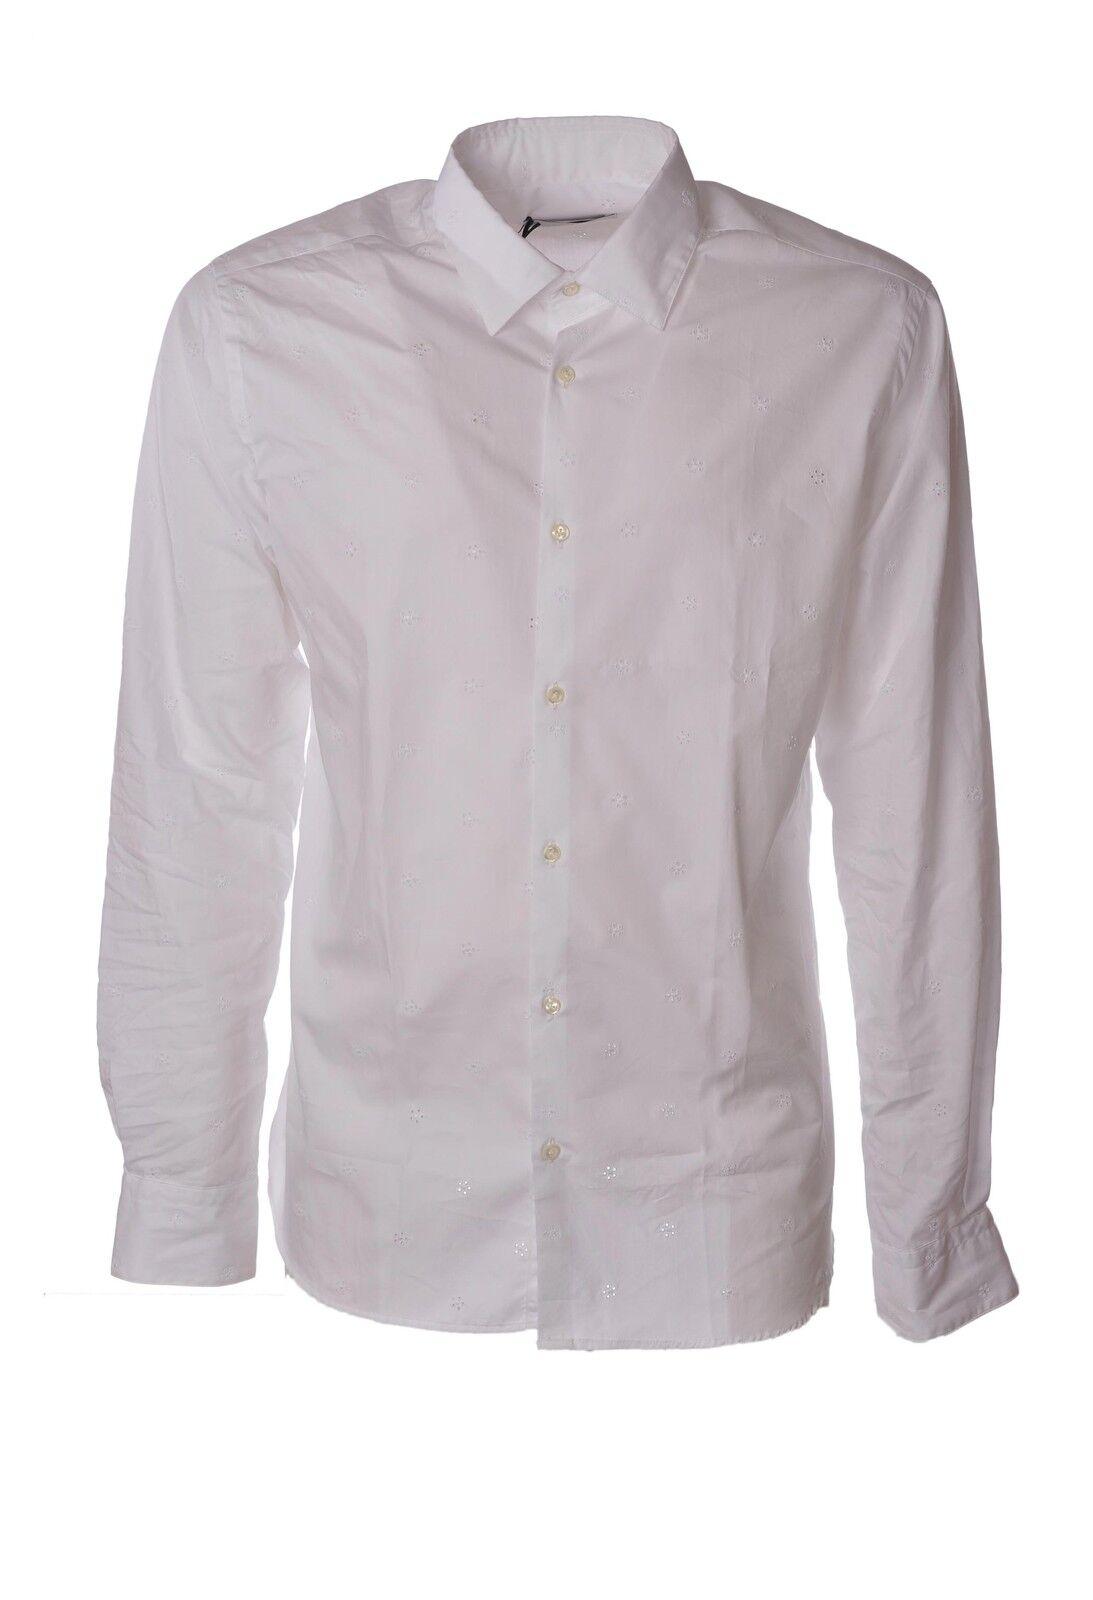 Aglini  -  Shirt - Männchen - Weiß - 3810929A185115